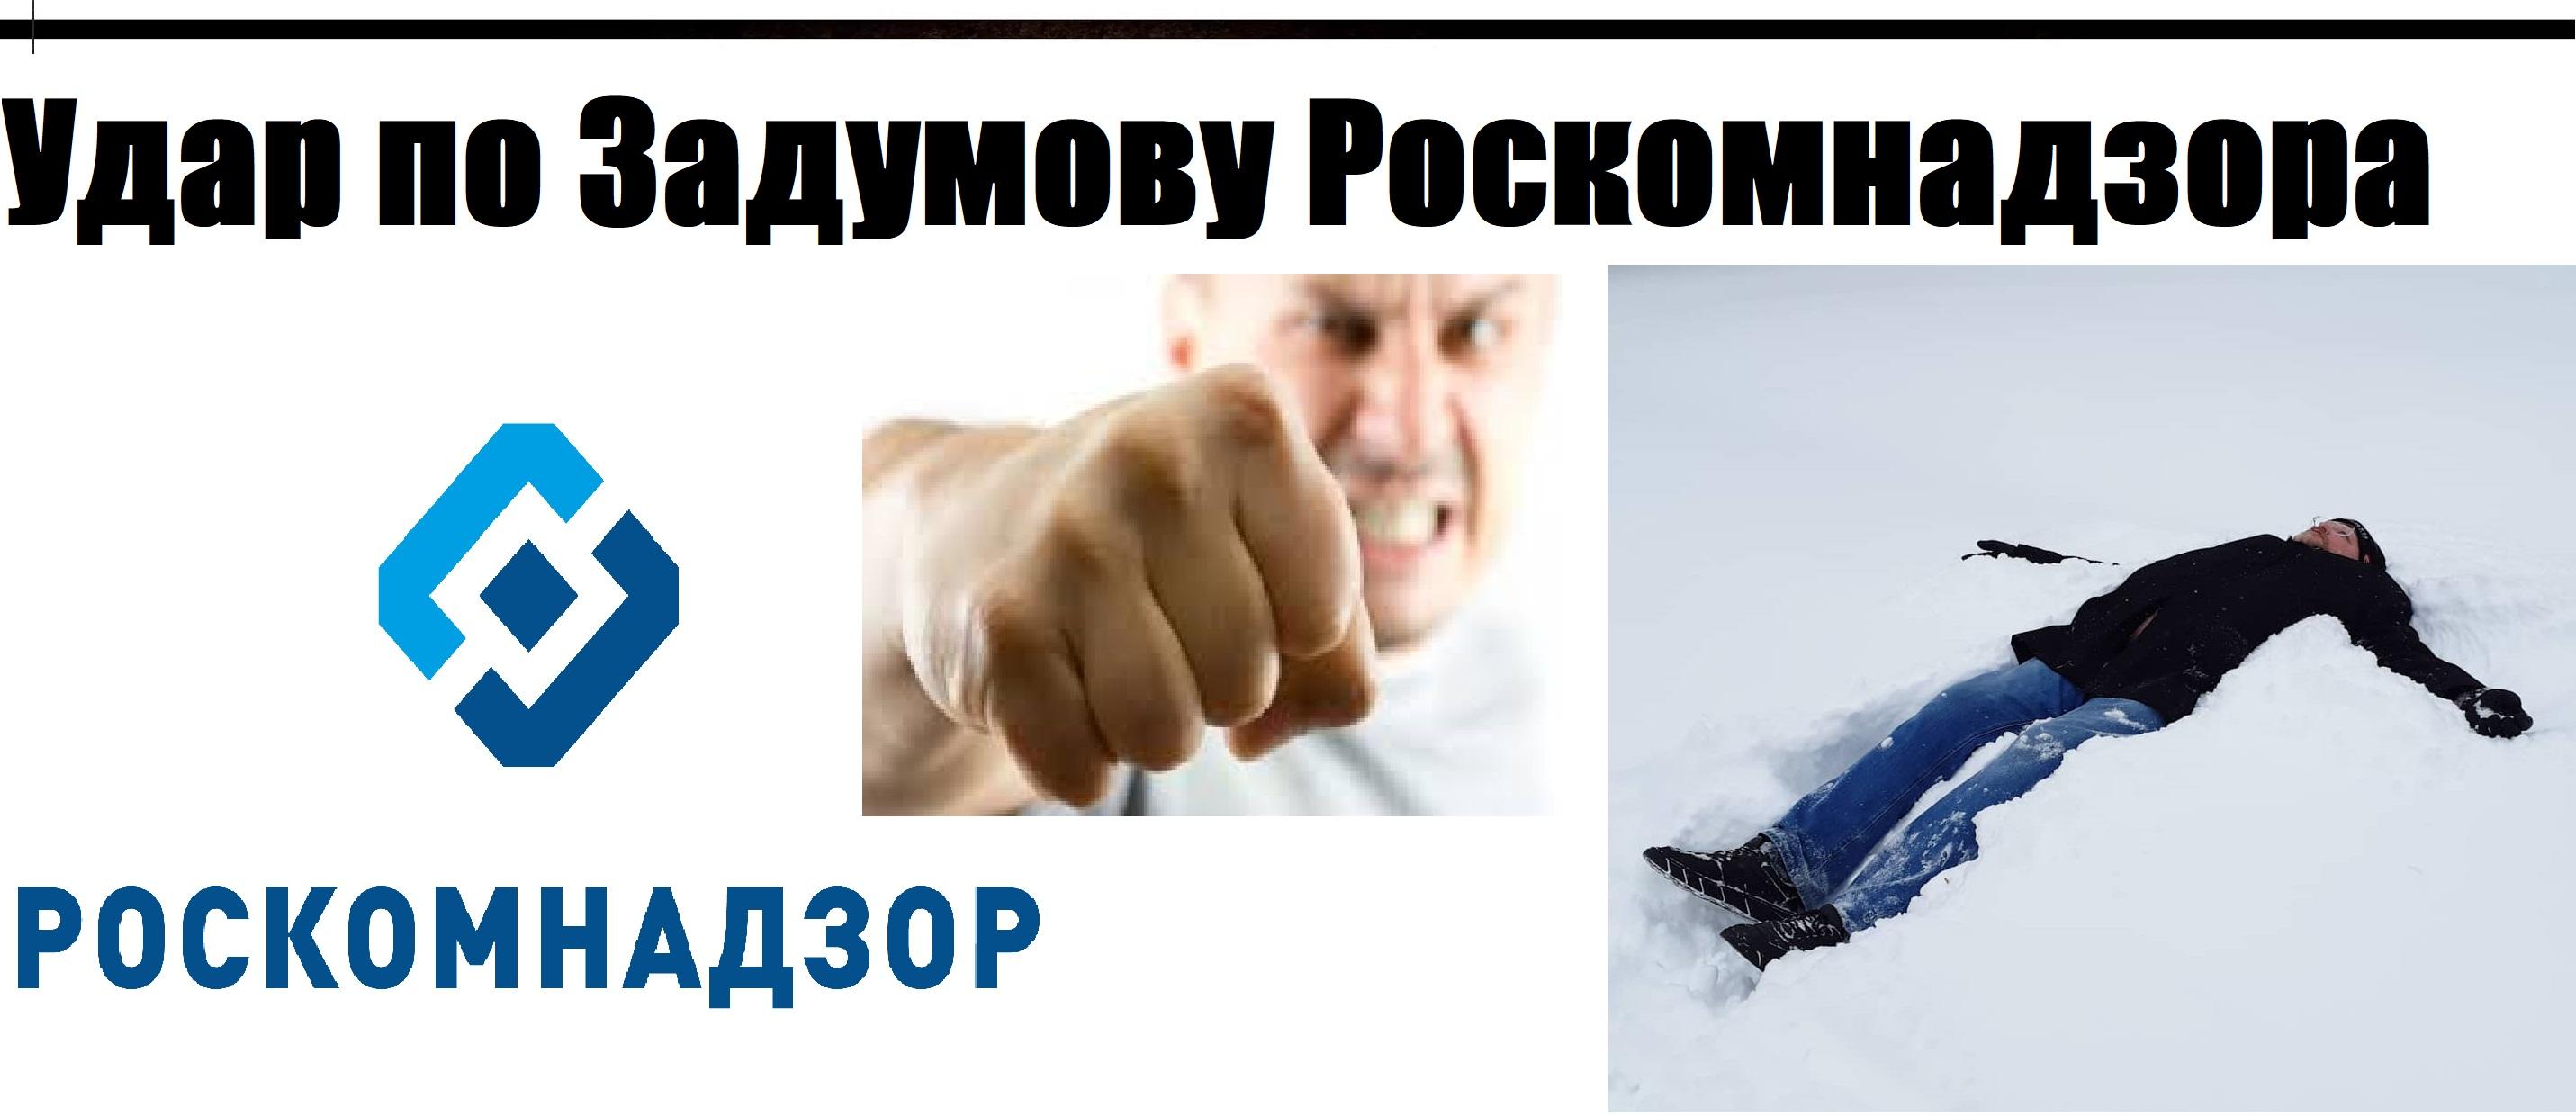 Роскомнадзор блокировал стрим Задумова